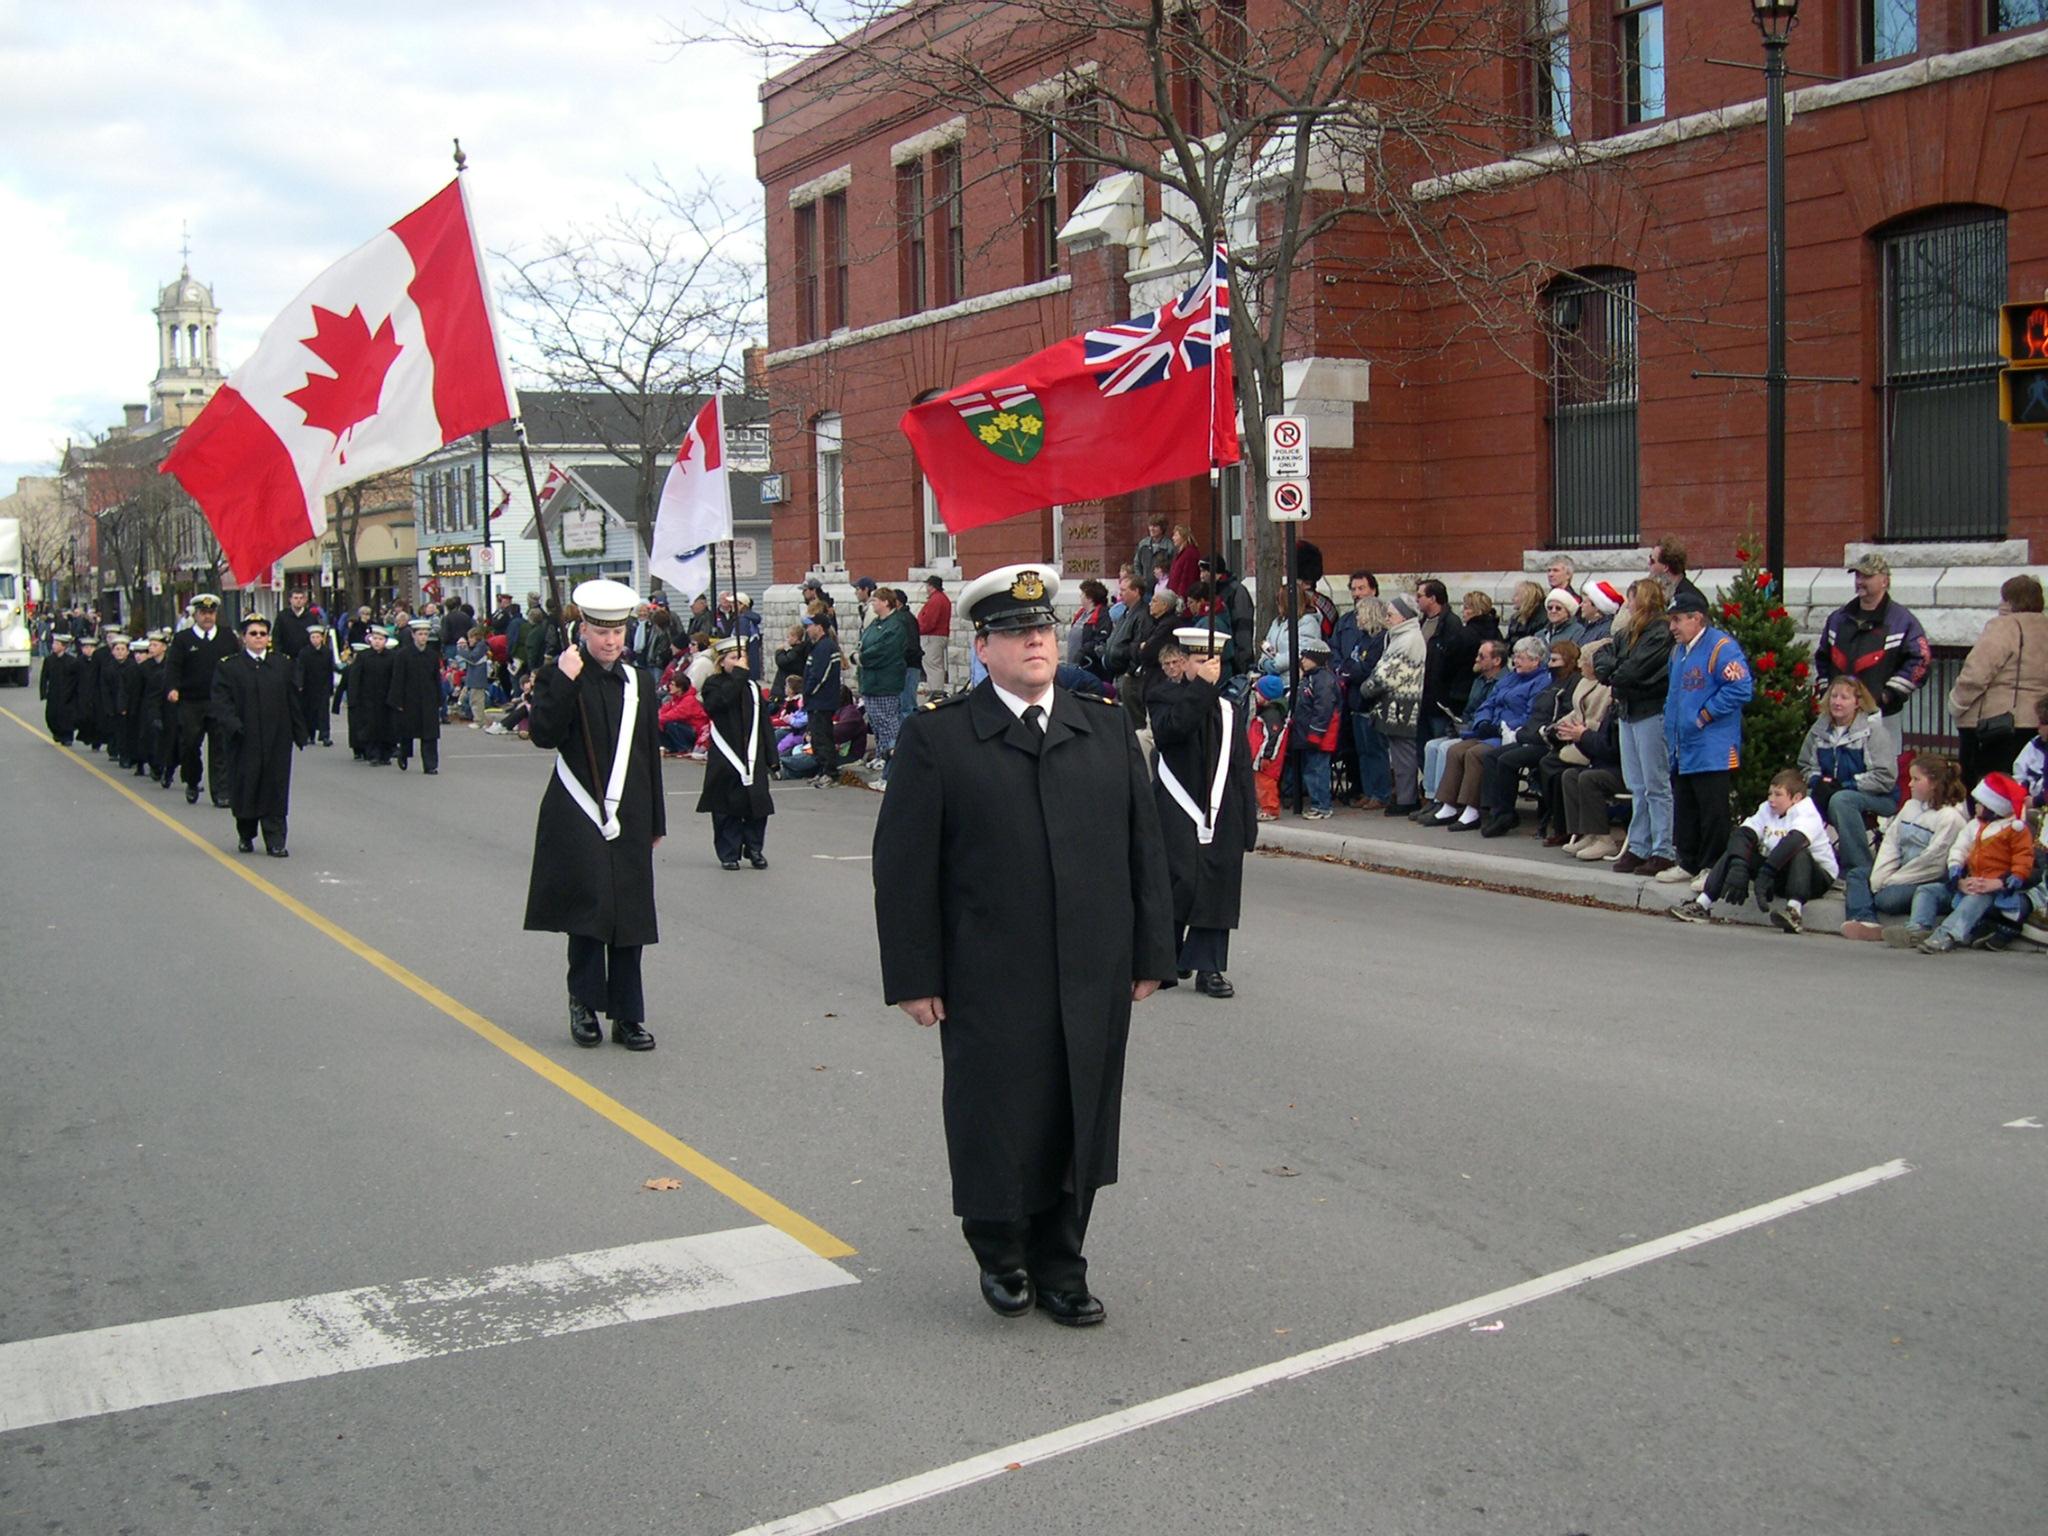 04-11-21 Cobourg Santa Claus Parade, Photo 11